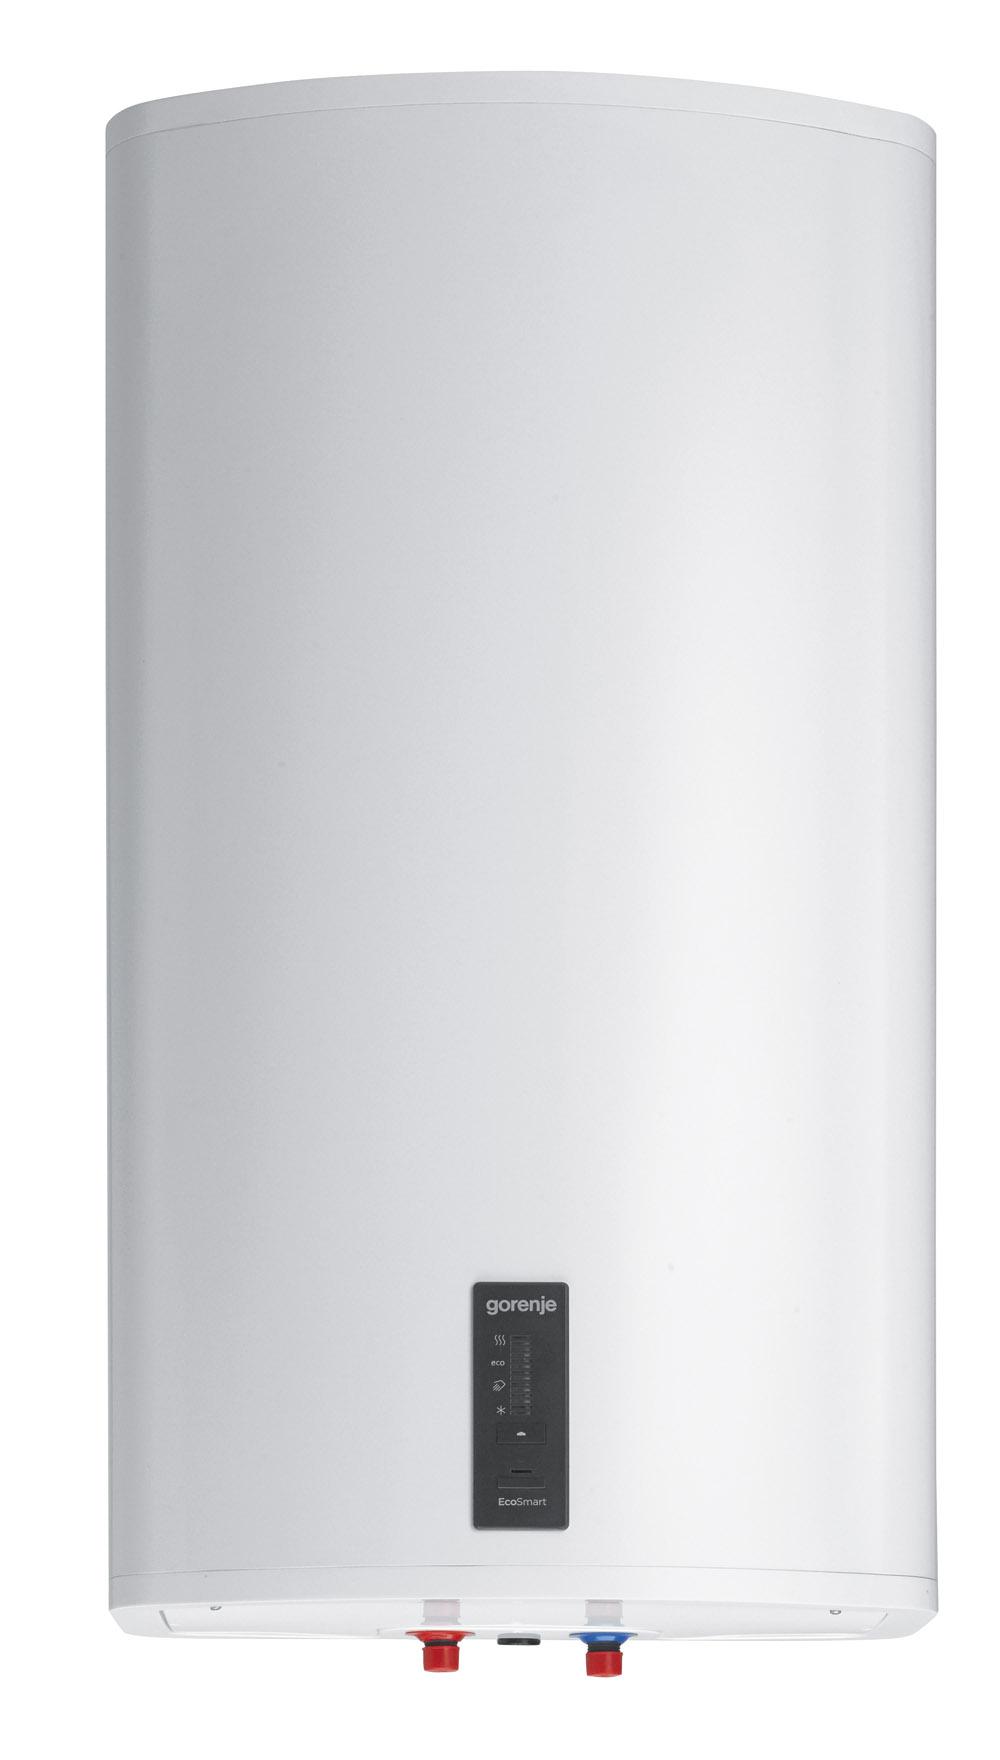 Gorenje FTG30SMB6 водонагреватель электрический настенный водонагреватель gorenje gbfu100simbb6